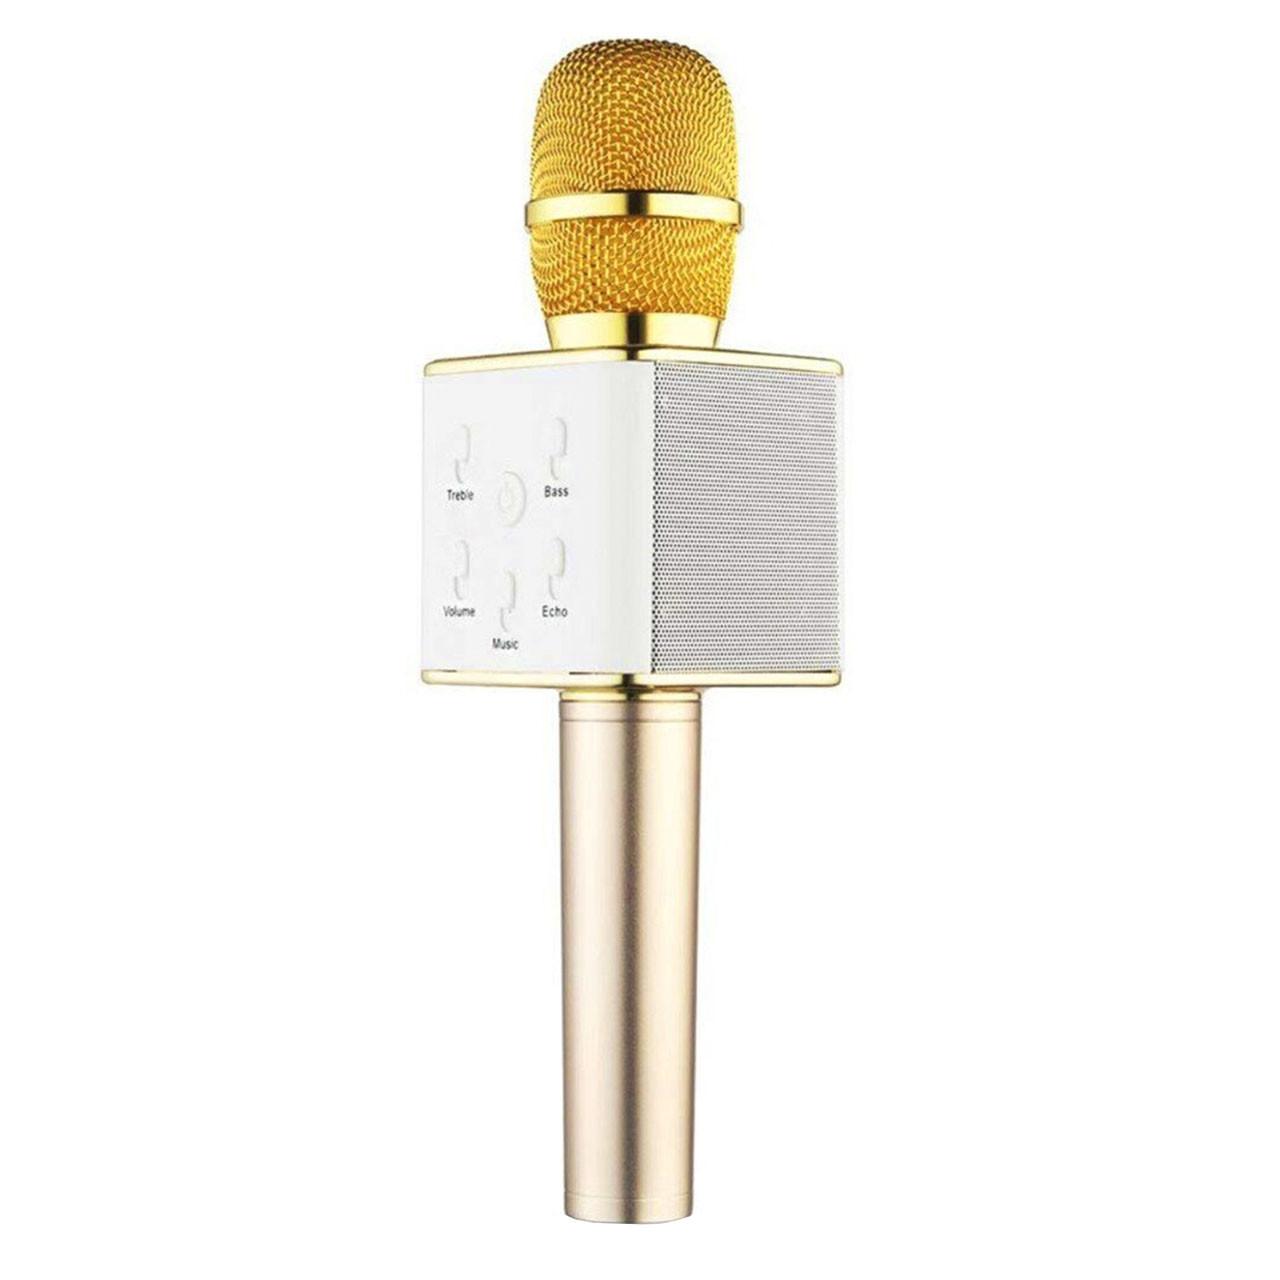 Беспроводной портативный микрофон Micgeek Q7 для караоке Bluetooth c чехлом Gold (3271-9596а)